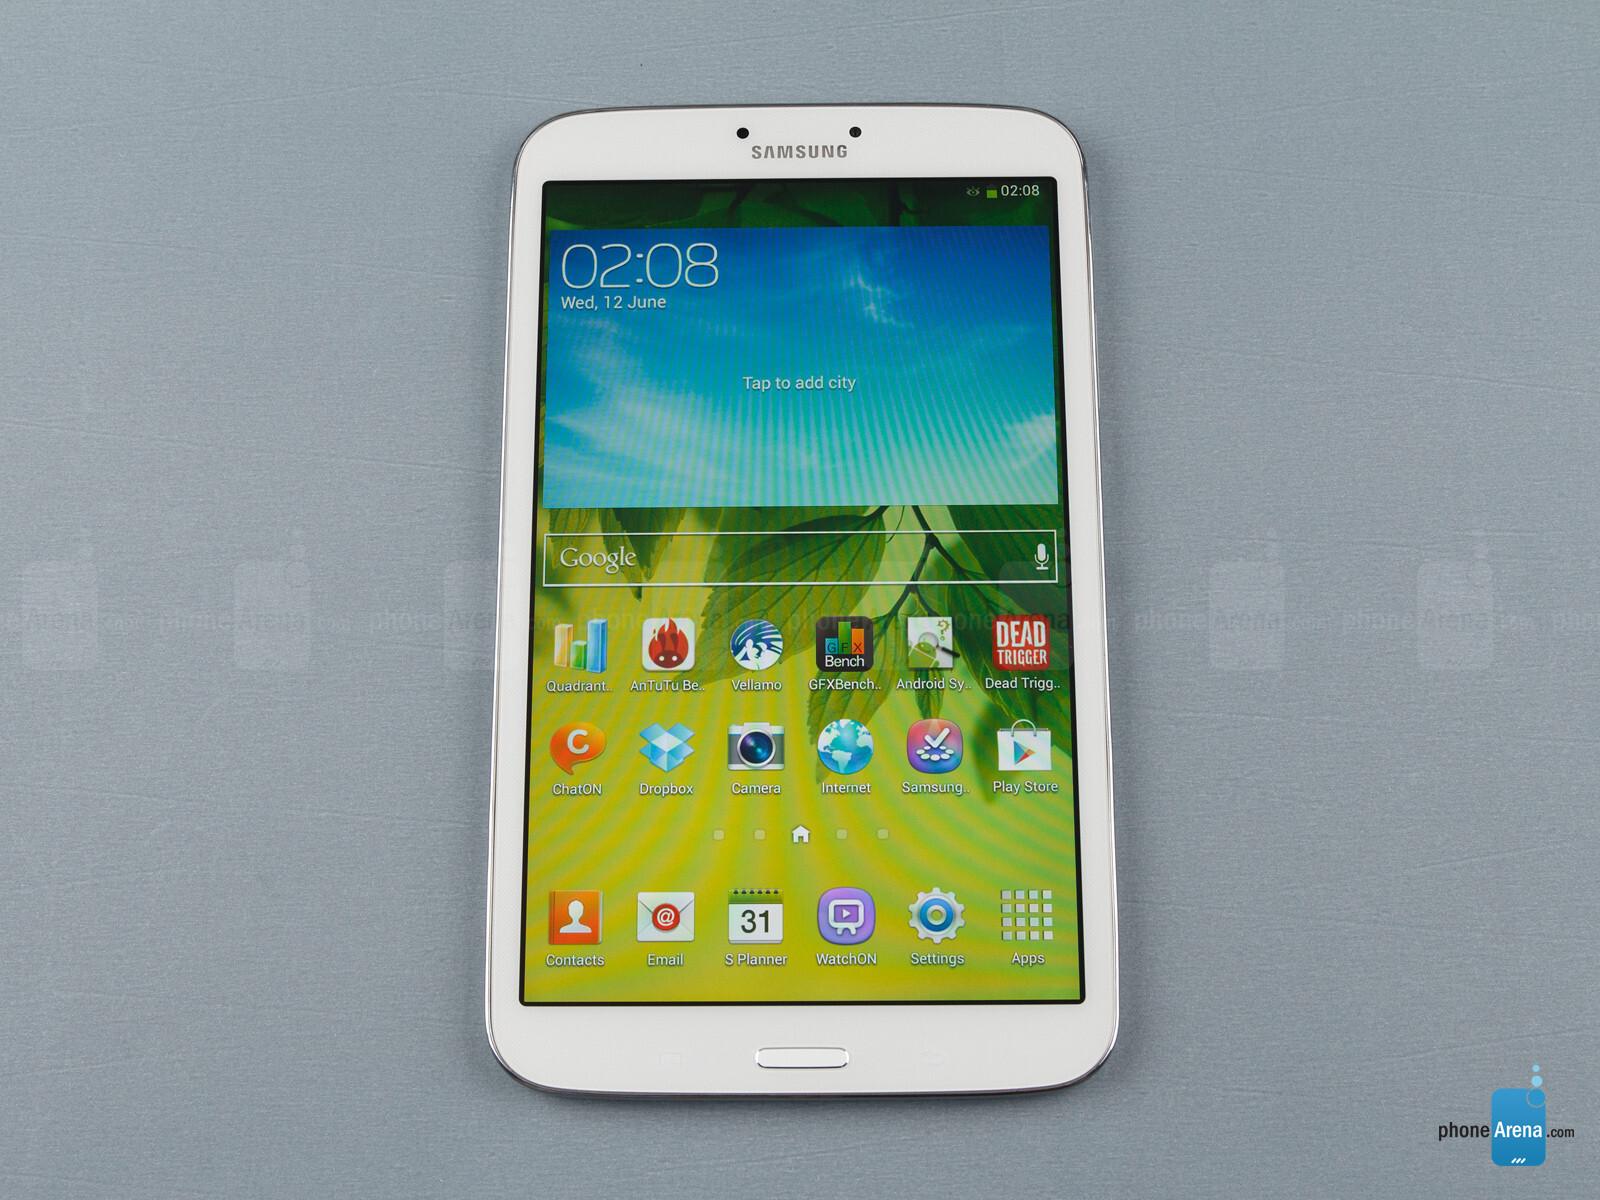 Samsung Galaxy Tab 3 8 Inch Specs